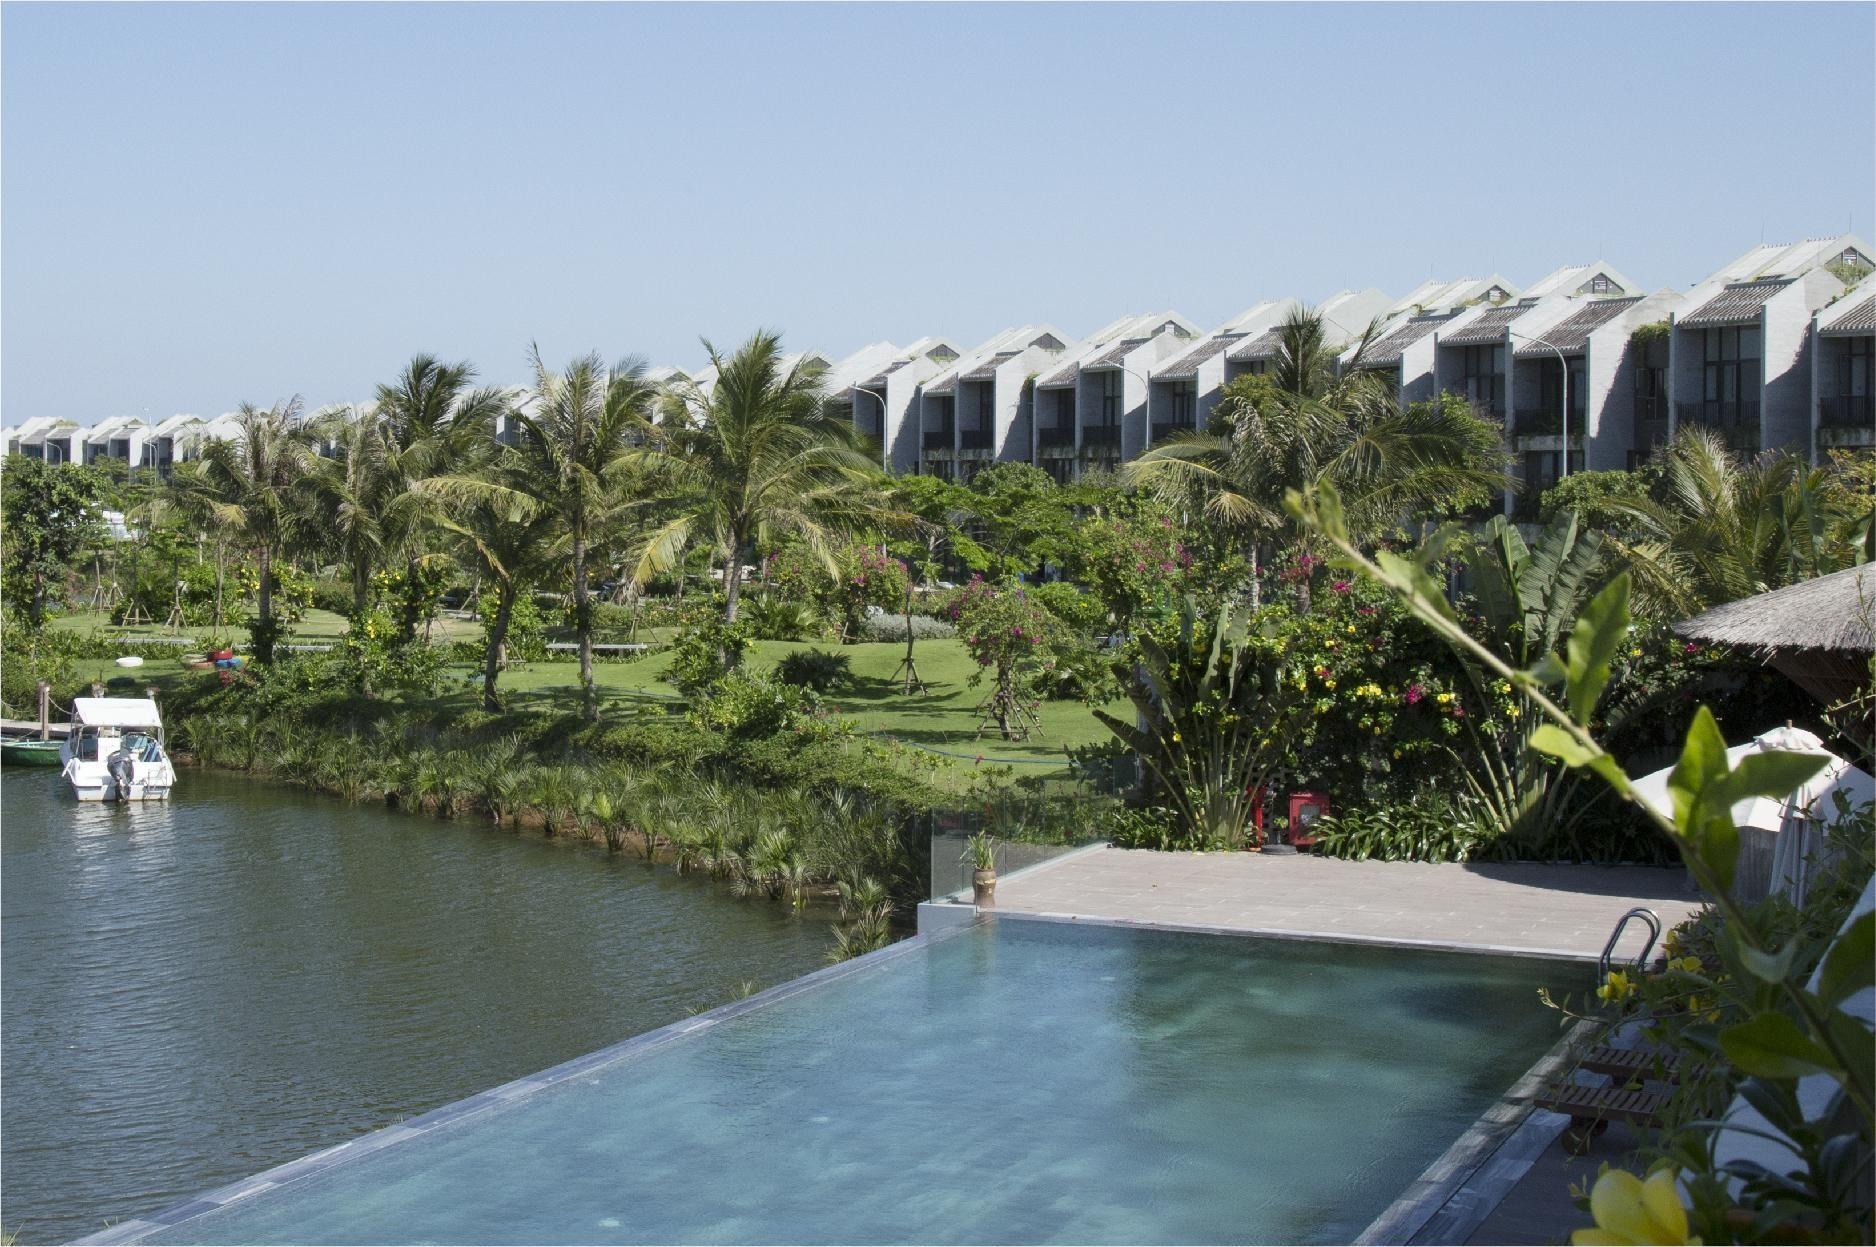 Tầm nhìn khoáng đạt từ khu tiện ích Club House tại Casamia Hội An.